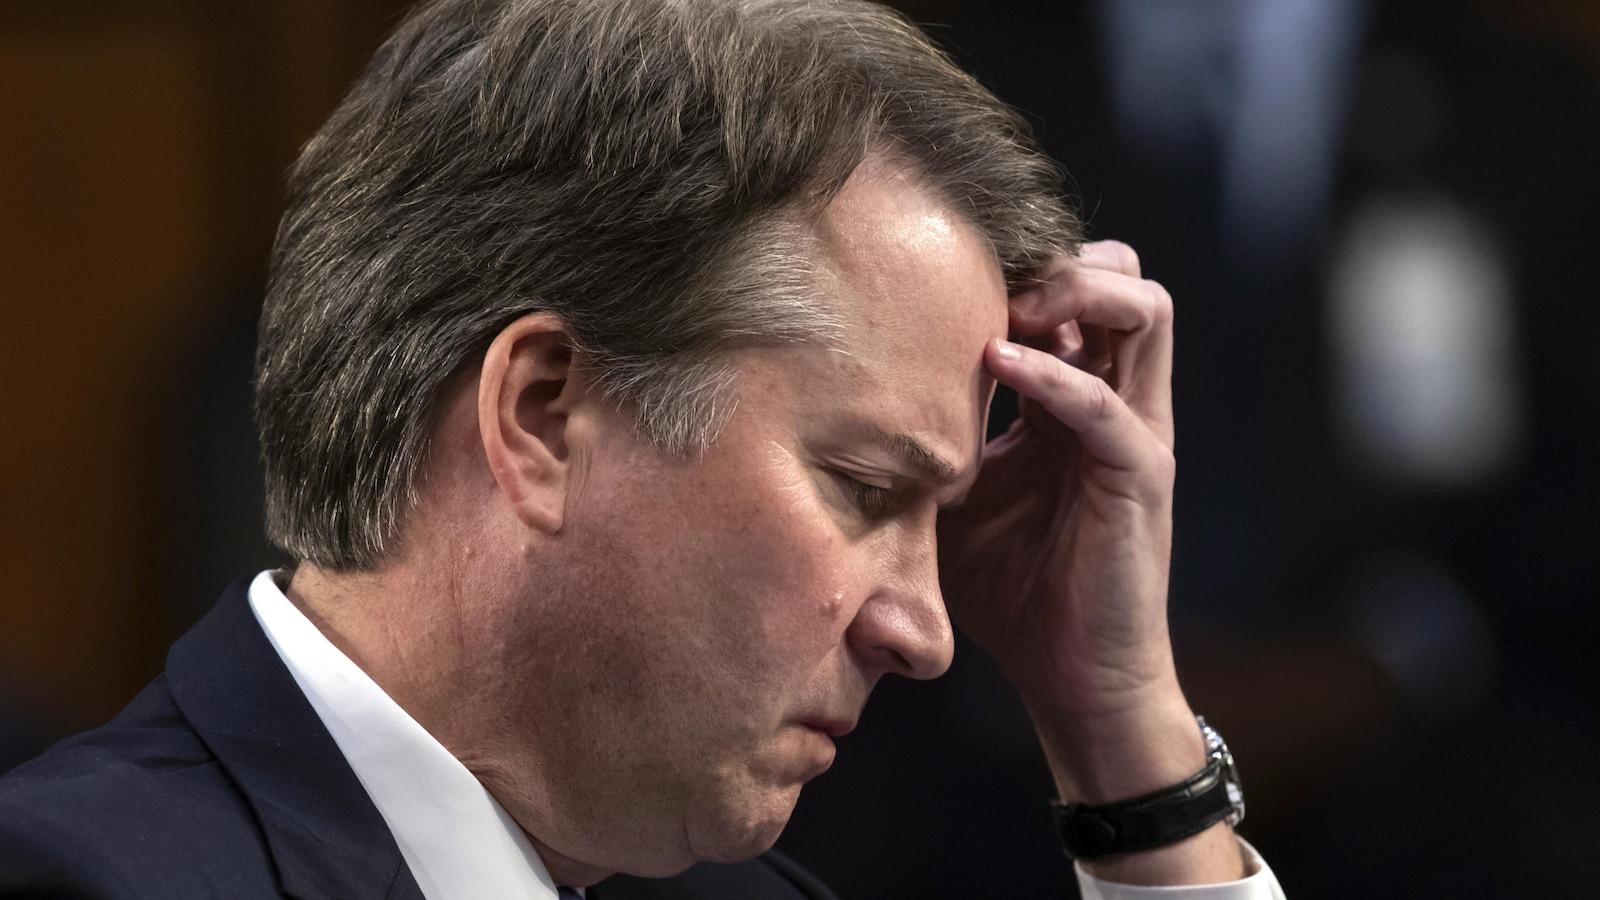 Brett Kavanaugh, candidat à la Cour suprême, attend de témoigner devant la Commission judiciaire du Sénat pour le troisième jour de son audience de confirmation des charges, au Capitole de Washington.